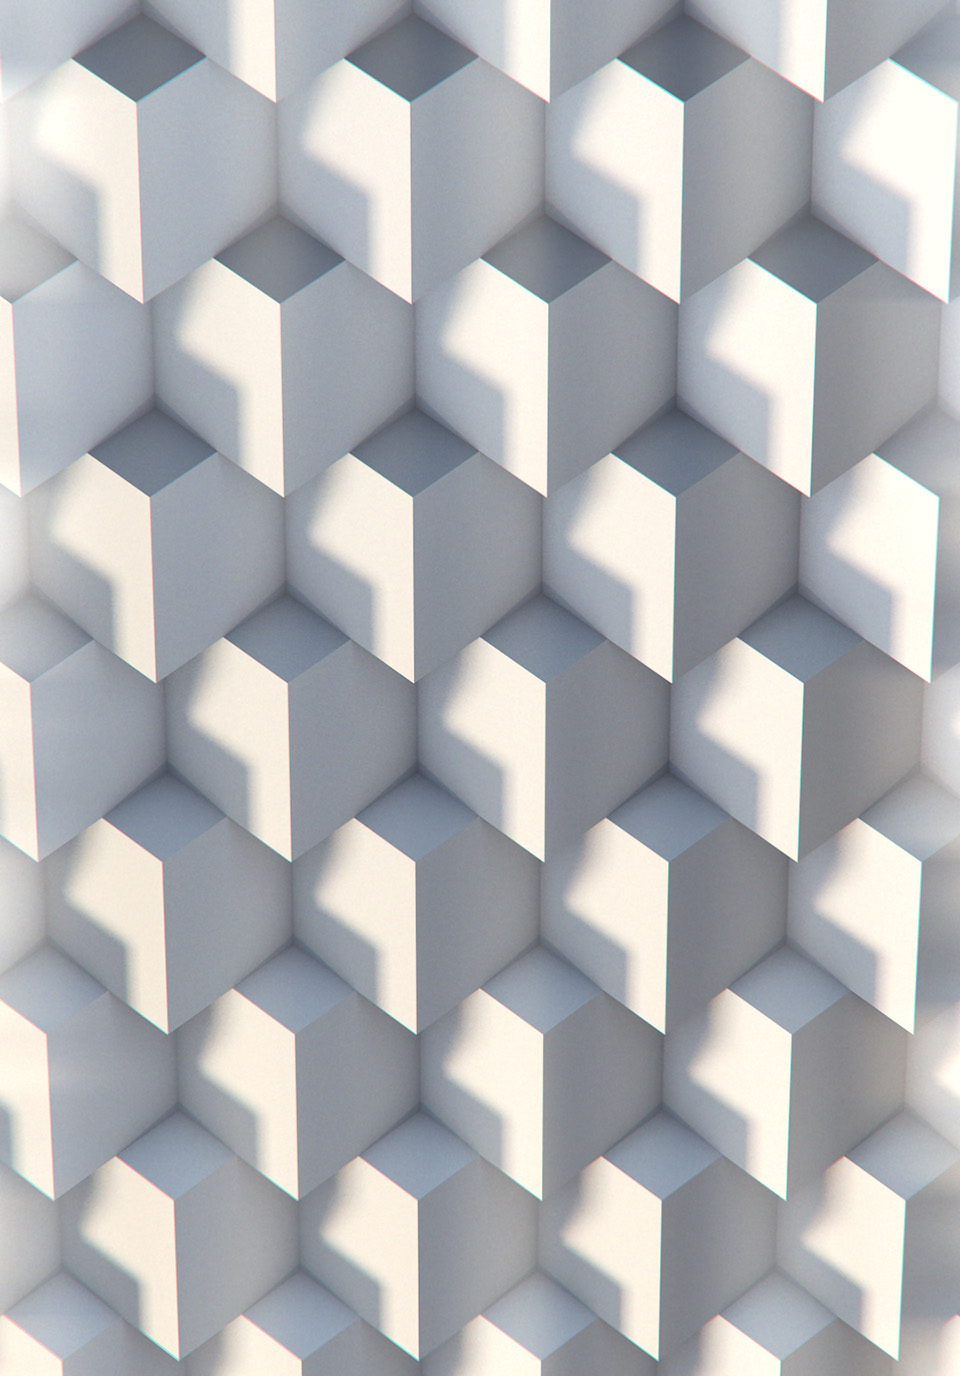 Symmetrical pattern.